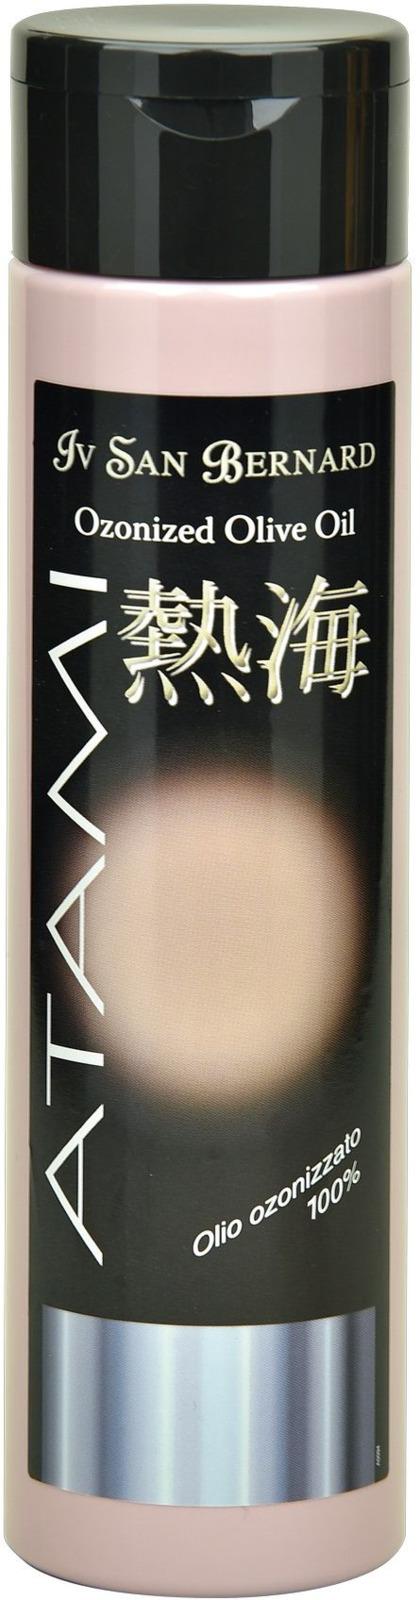 Масло для животных Iv San Bernard ISB Atami Дезинфицирующее, оливковое, озонированное, 300 мл